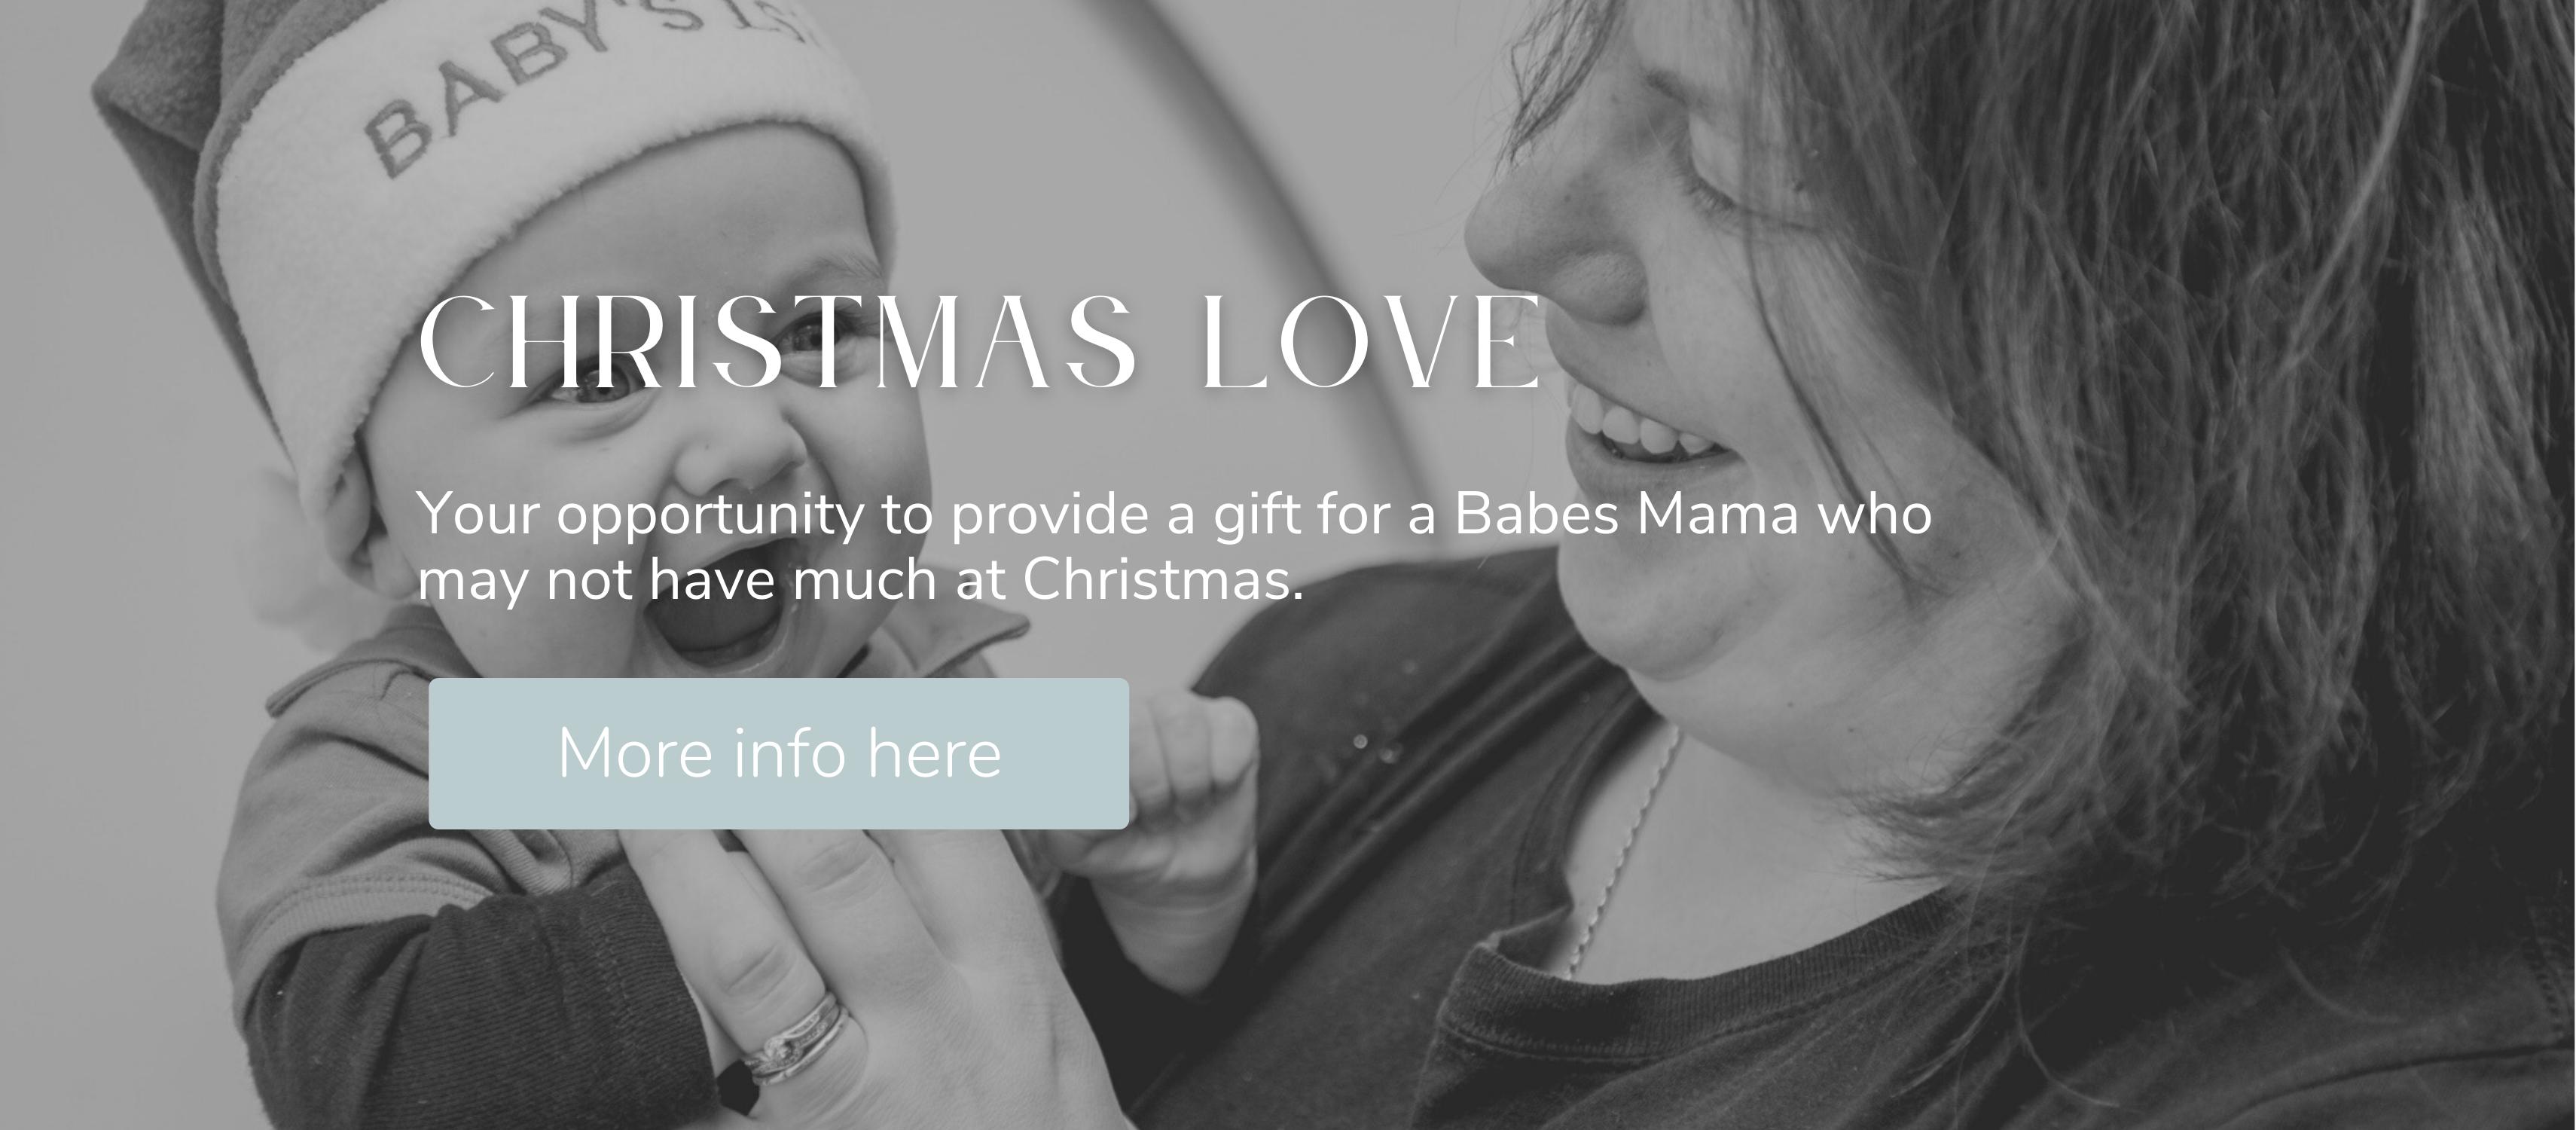 Website_photo_banner_2020_-_Christmas_love_'more_info_here'.jpg